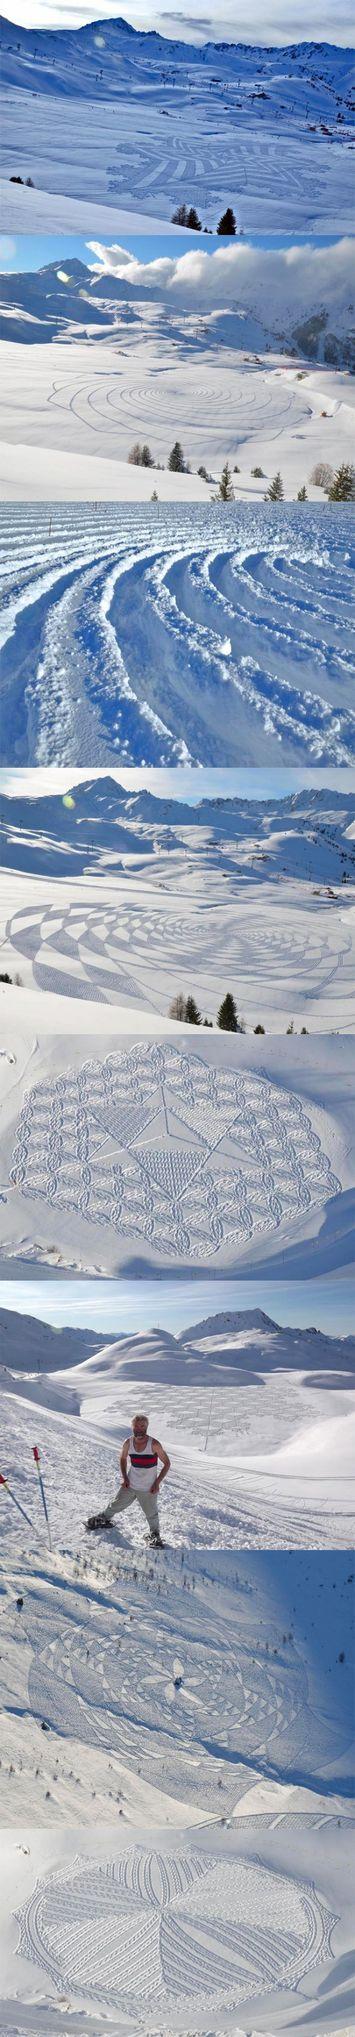 Kini crop circle tidak hanya ada di sawah atau ladang gandum. Tapi dengan adanya simon beck, ia berhasil menciptakan crop circle di salju, yang disebutnya seni salju (snow art). simon beck mampu menciptang snow art tersebut dlm 6 jam - 2 hari.